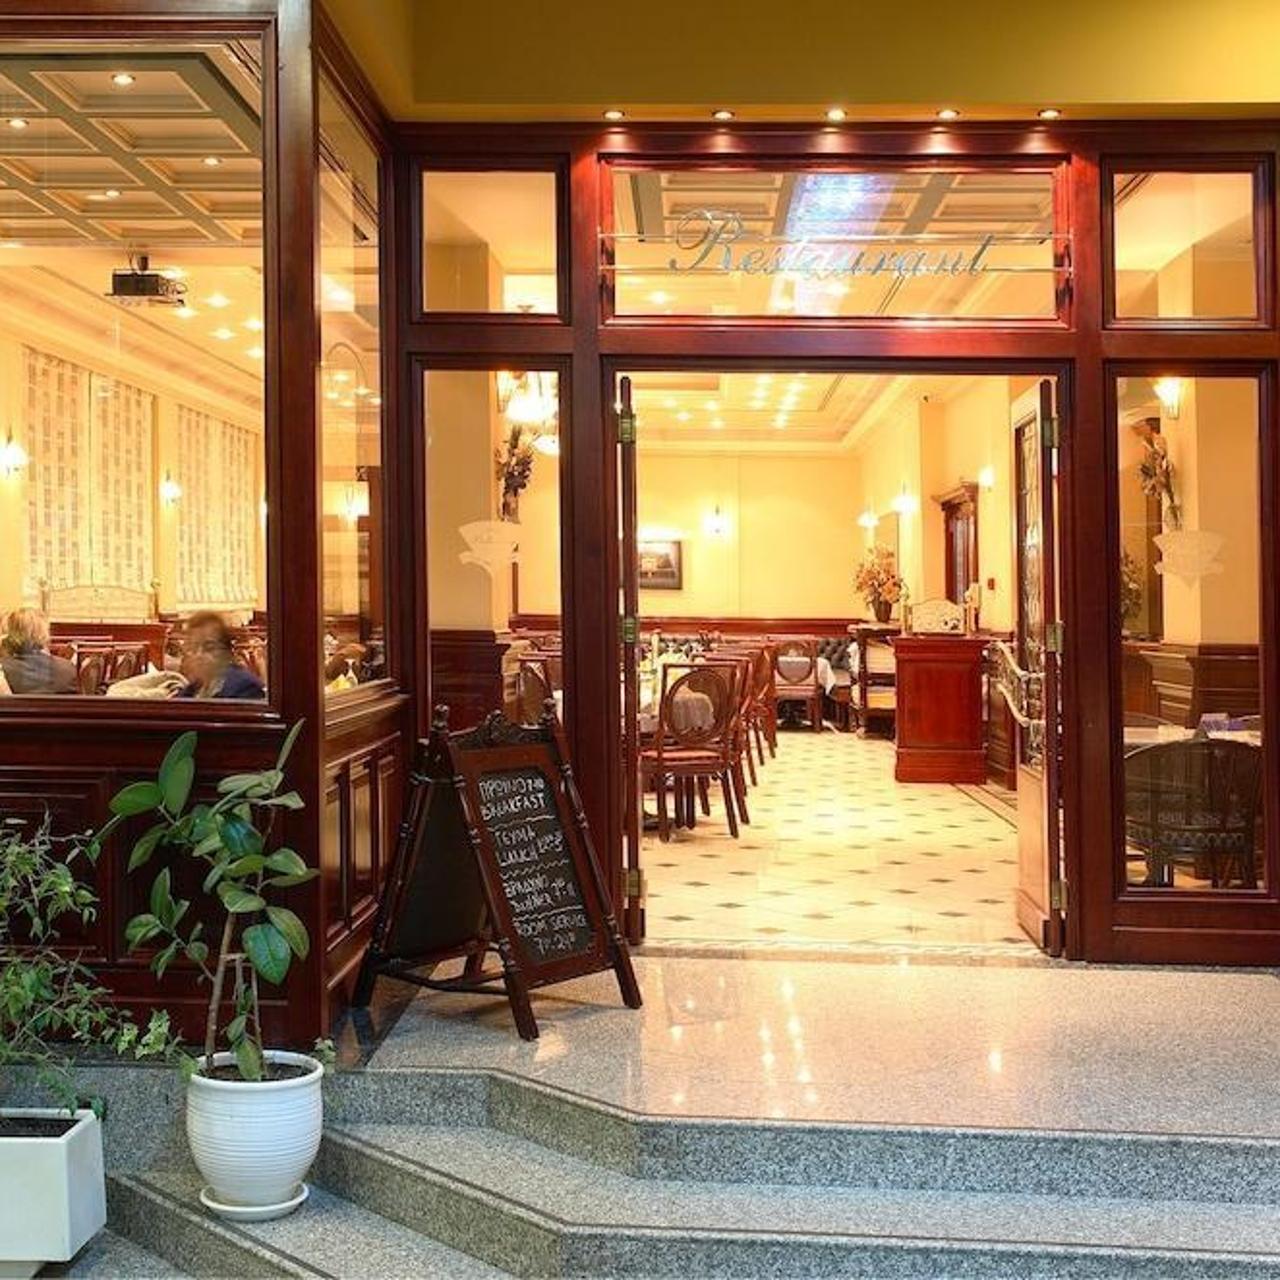 Grand Hotel Palladion 3 Hrs Star Hotel In Ioannina Epirus Region